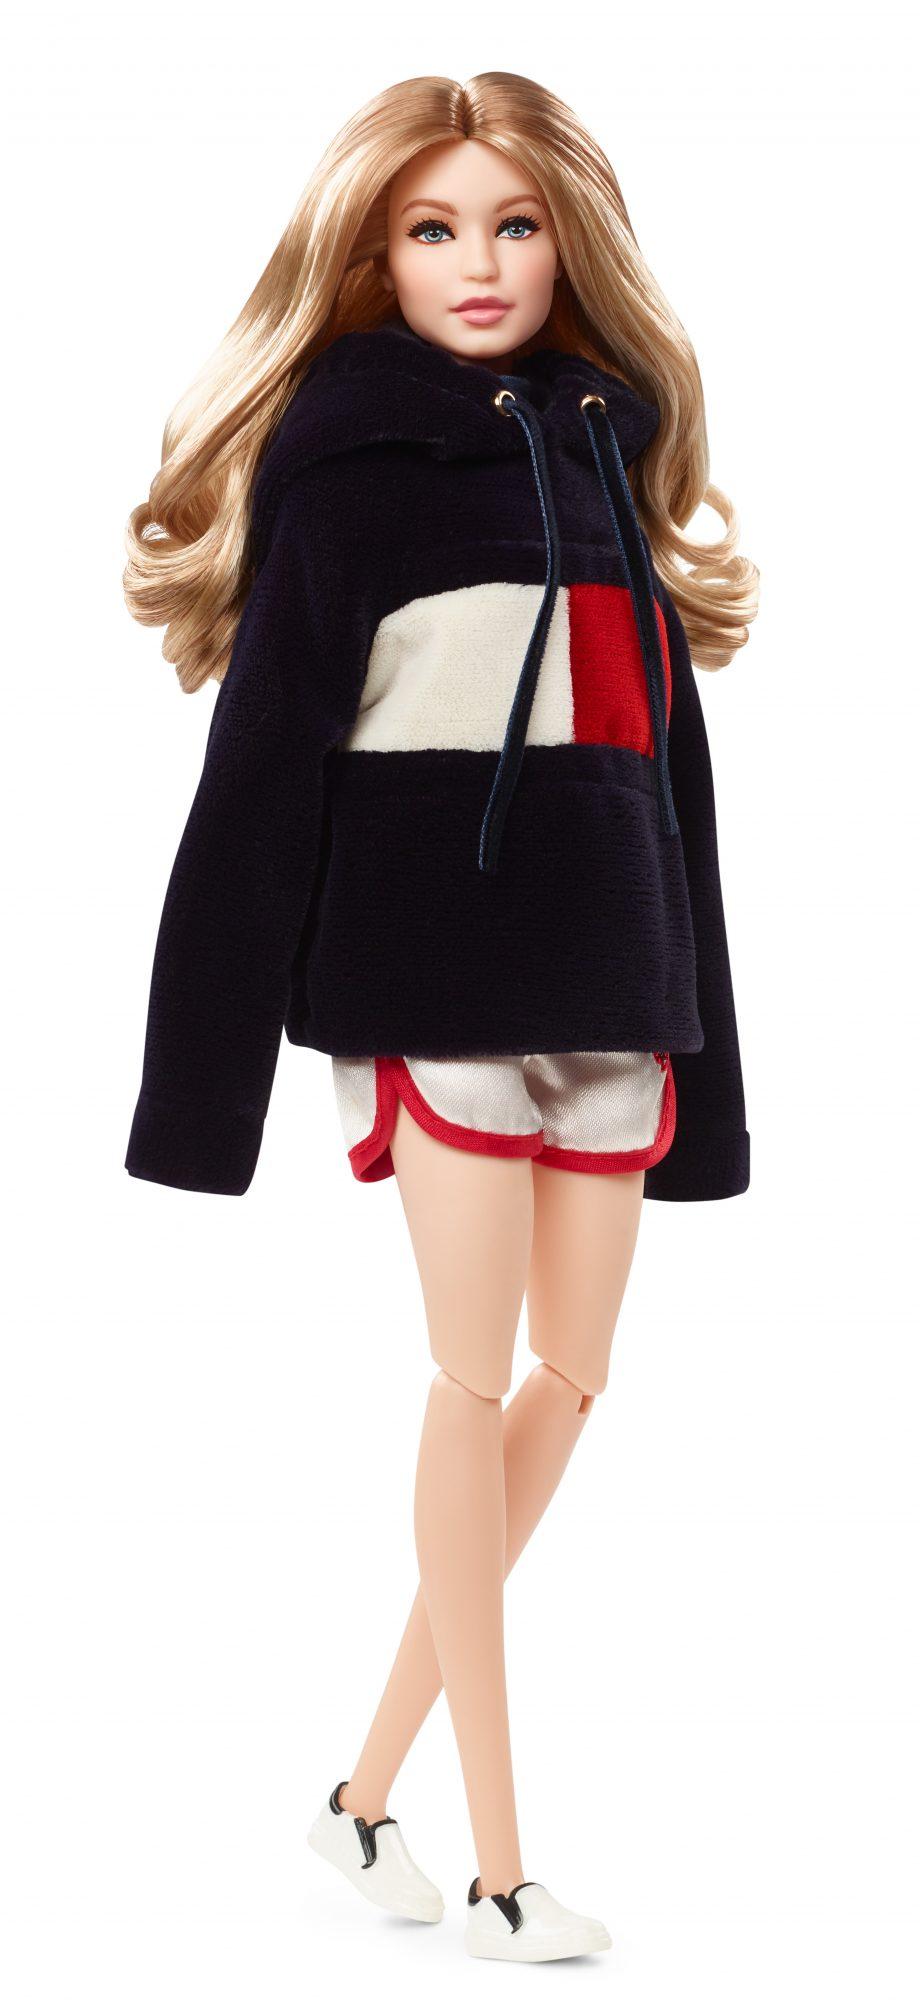 Gigi Hadid, Barbie